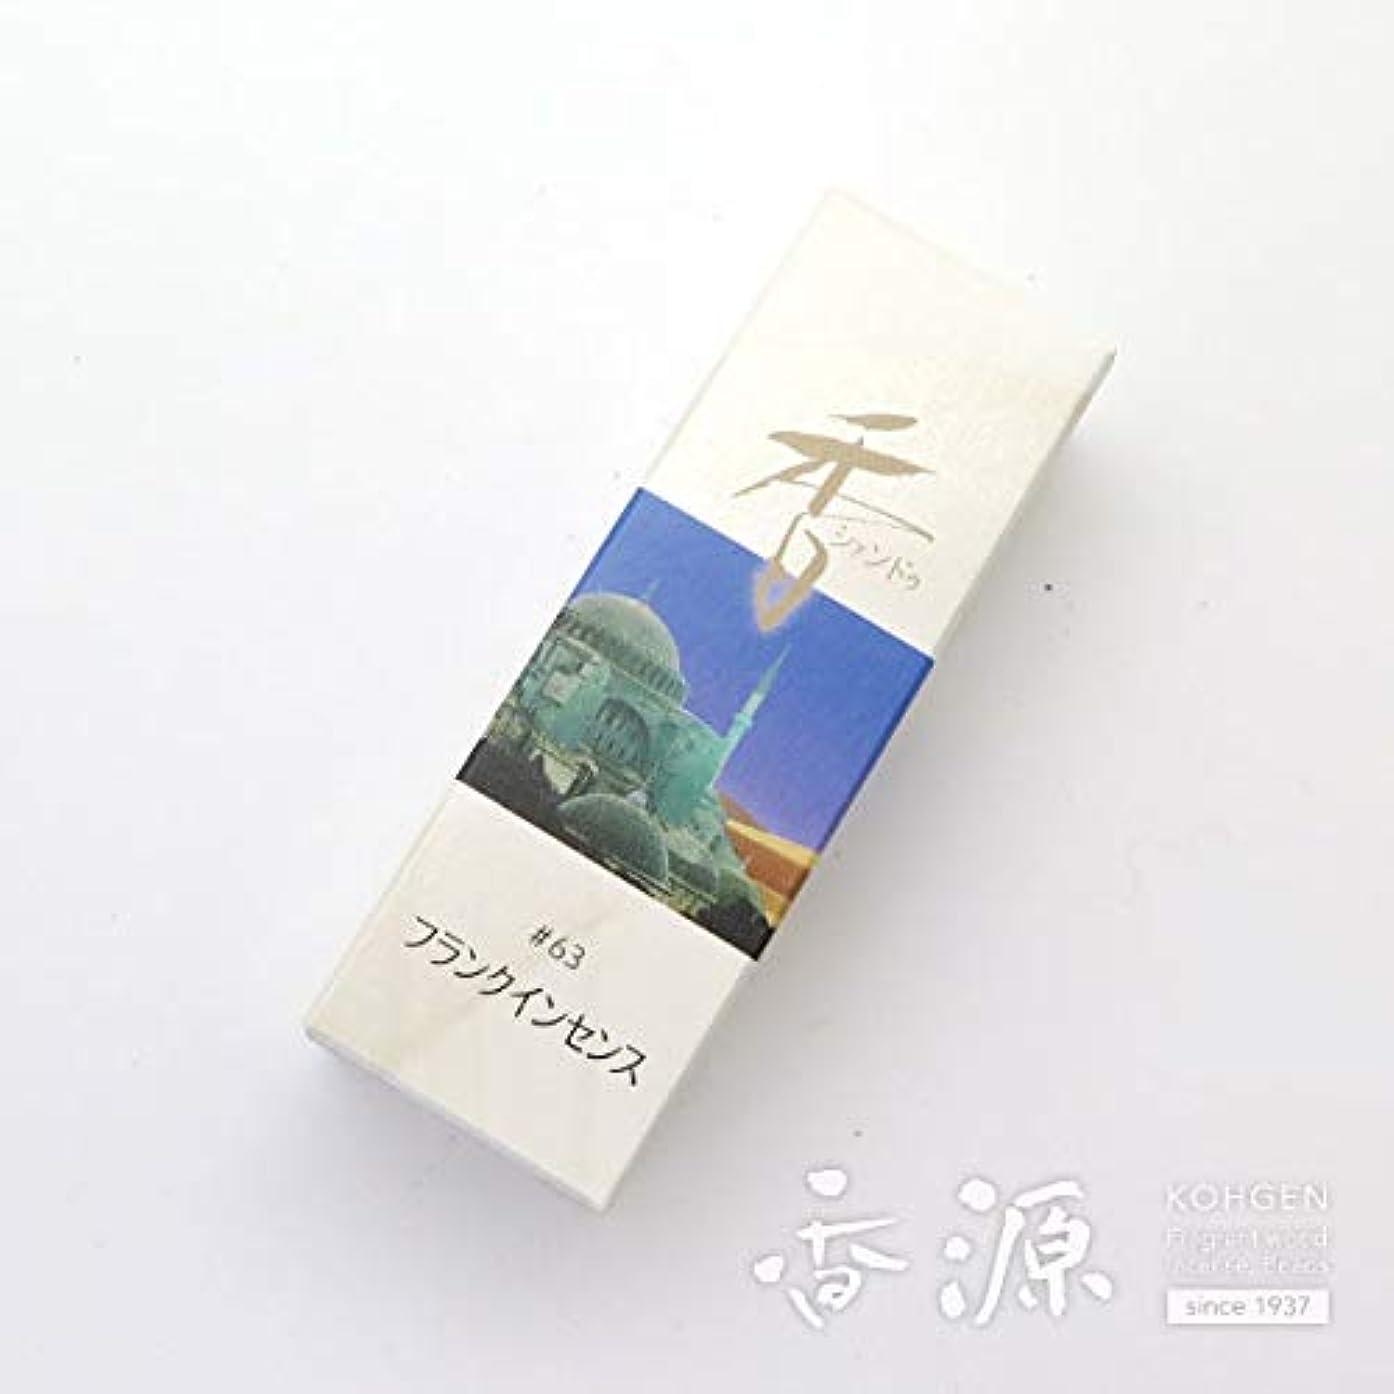 うぬぼれた違う屋内でXiang Do(シャンドゥ) 松栄堂のお香 フランクインセンス ST20本入 簡易香立付 #214263